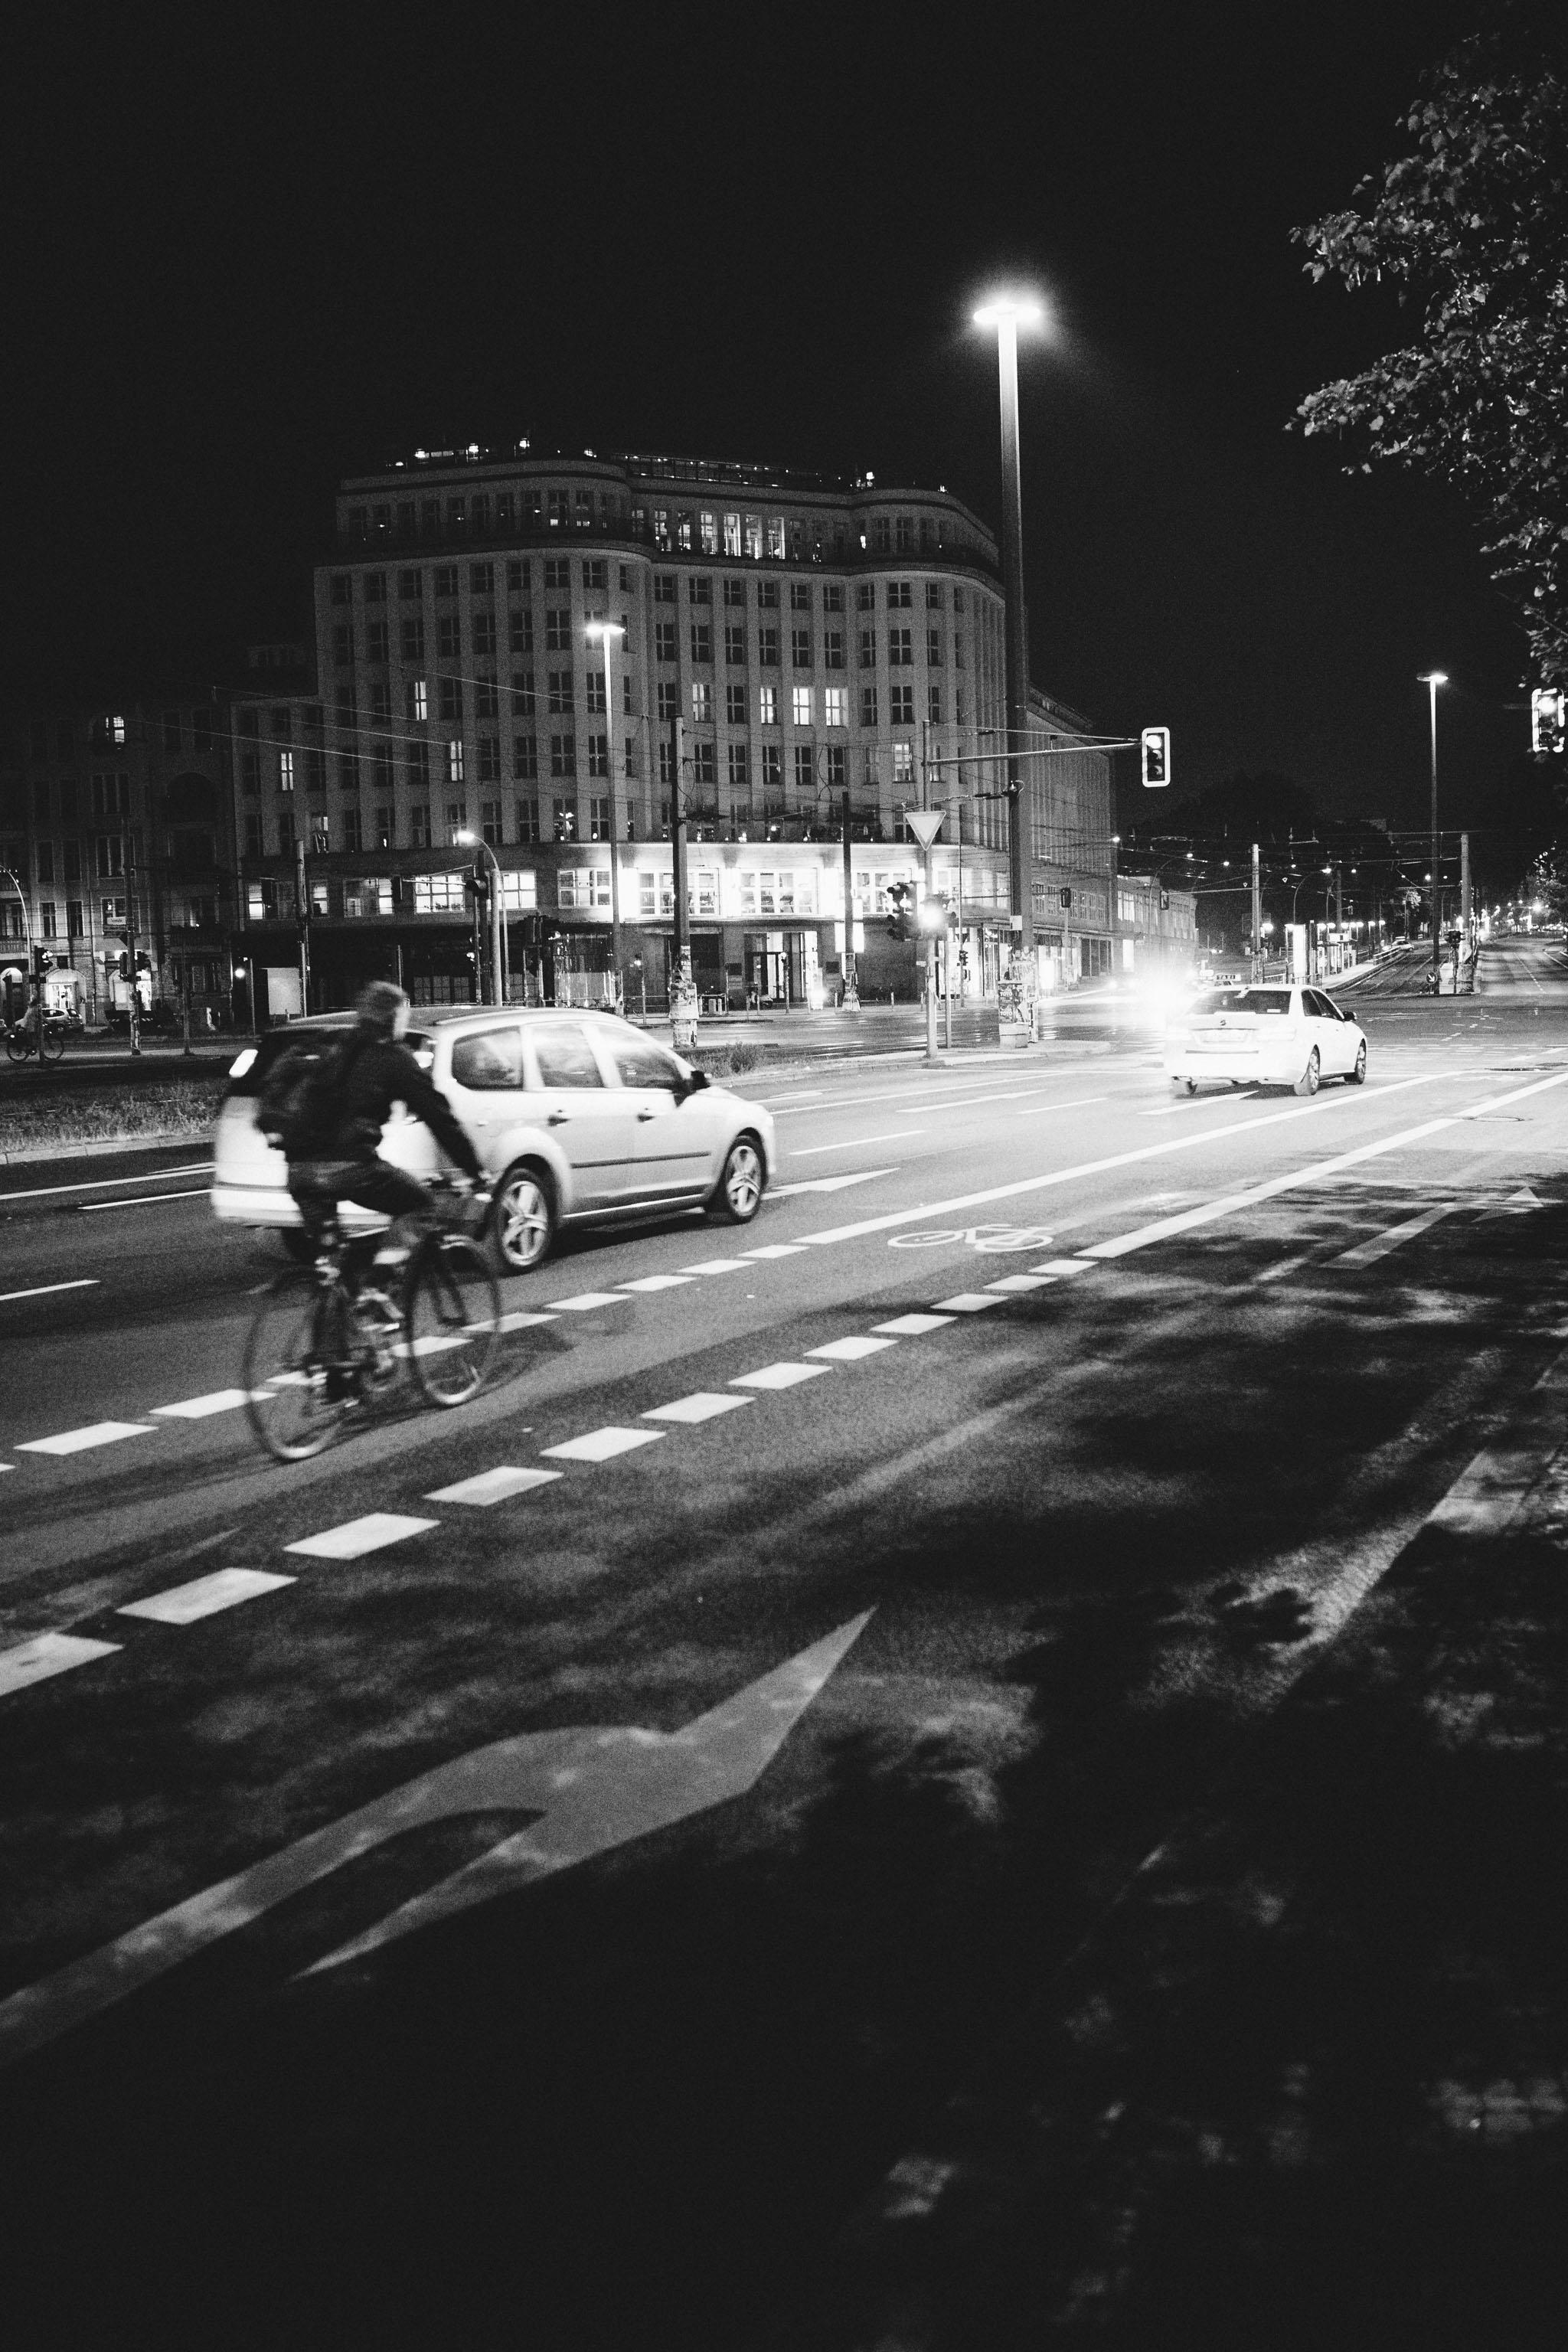 soho-house-berlin-nachts